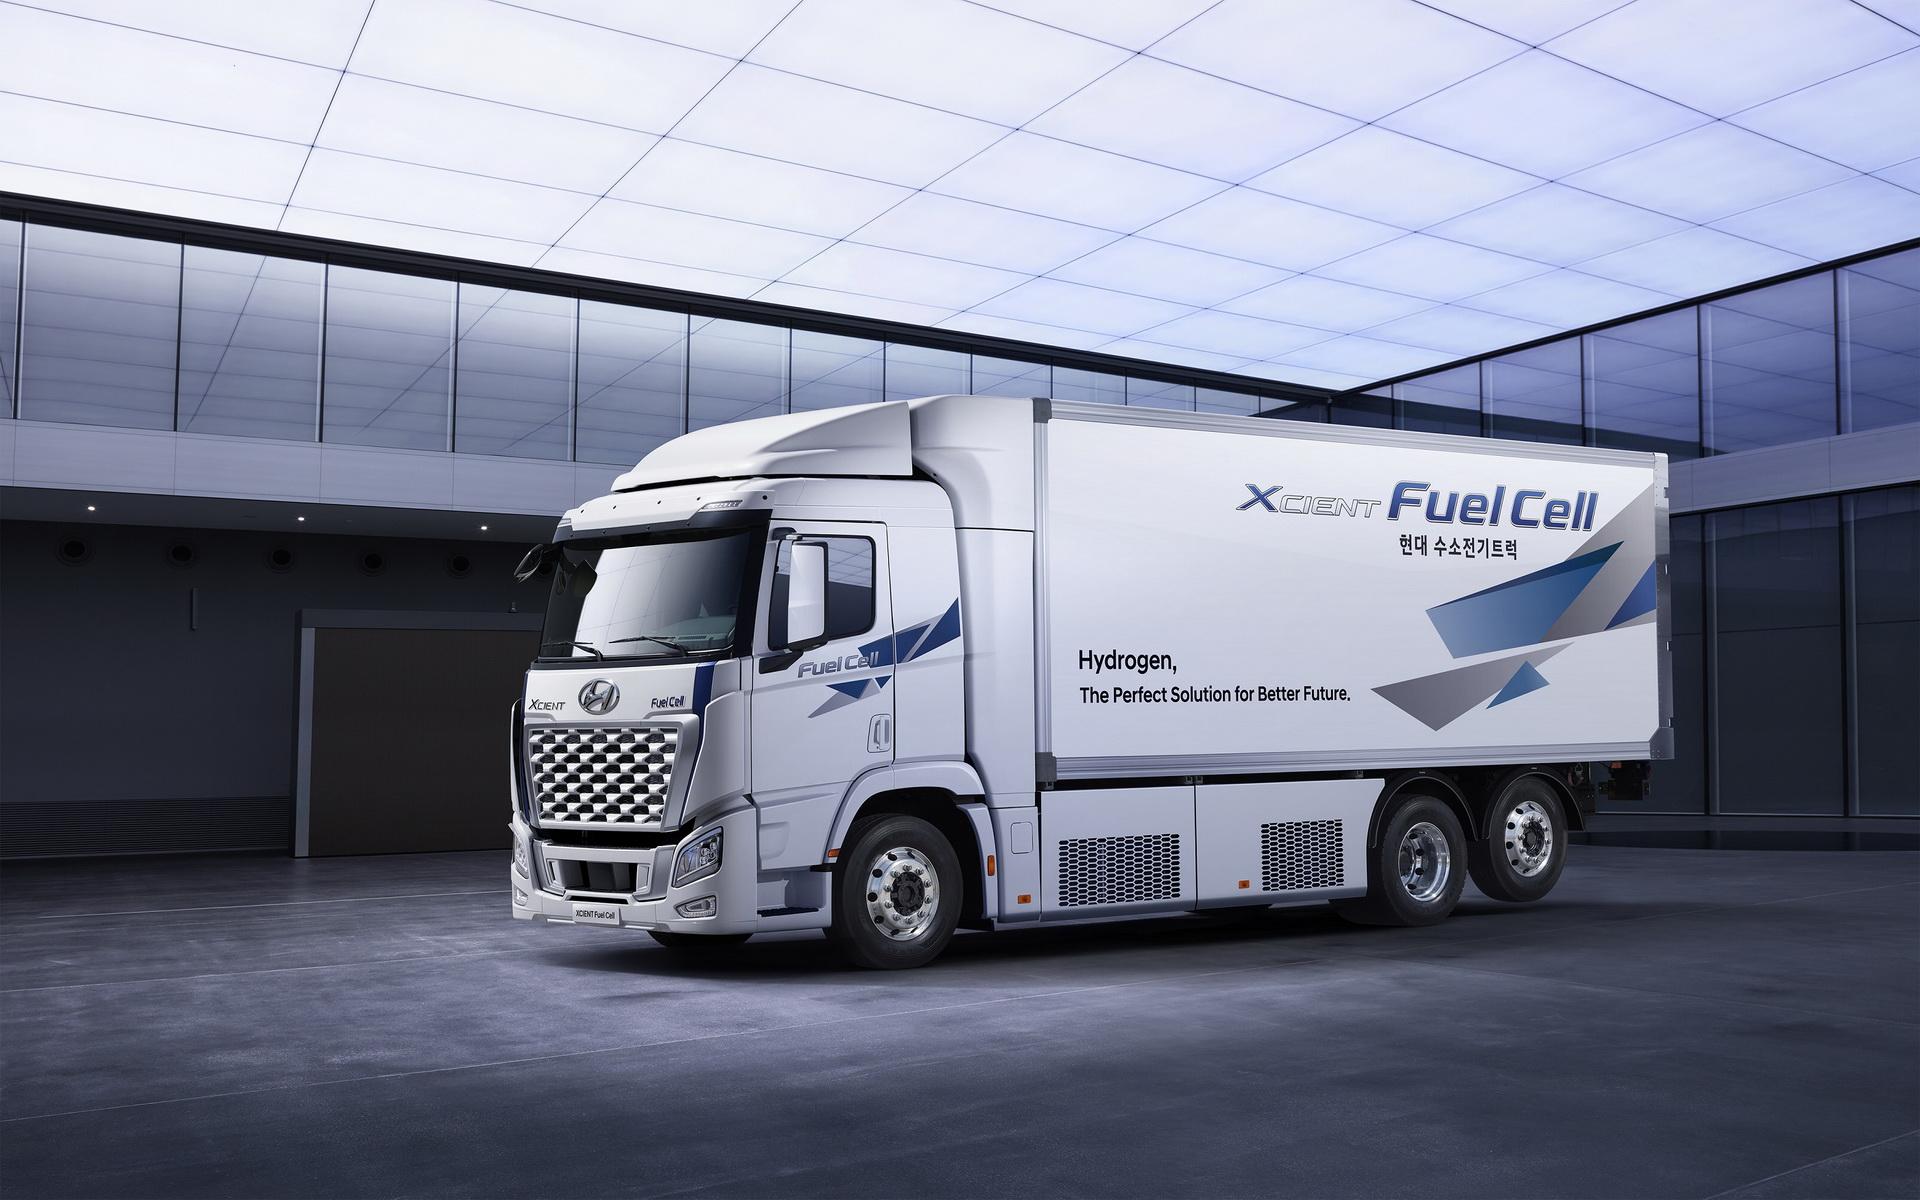 Hyundai Motor представила обновленный грузовик XCIENT Fuel Cell